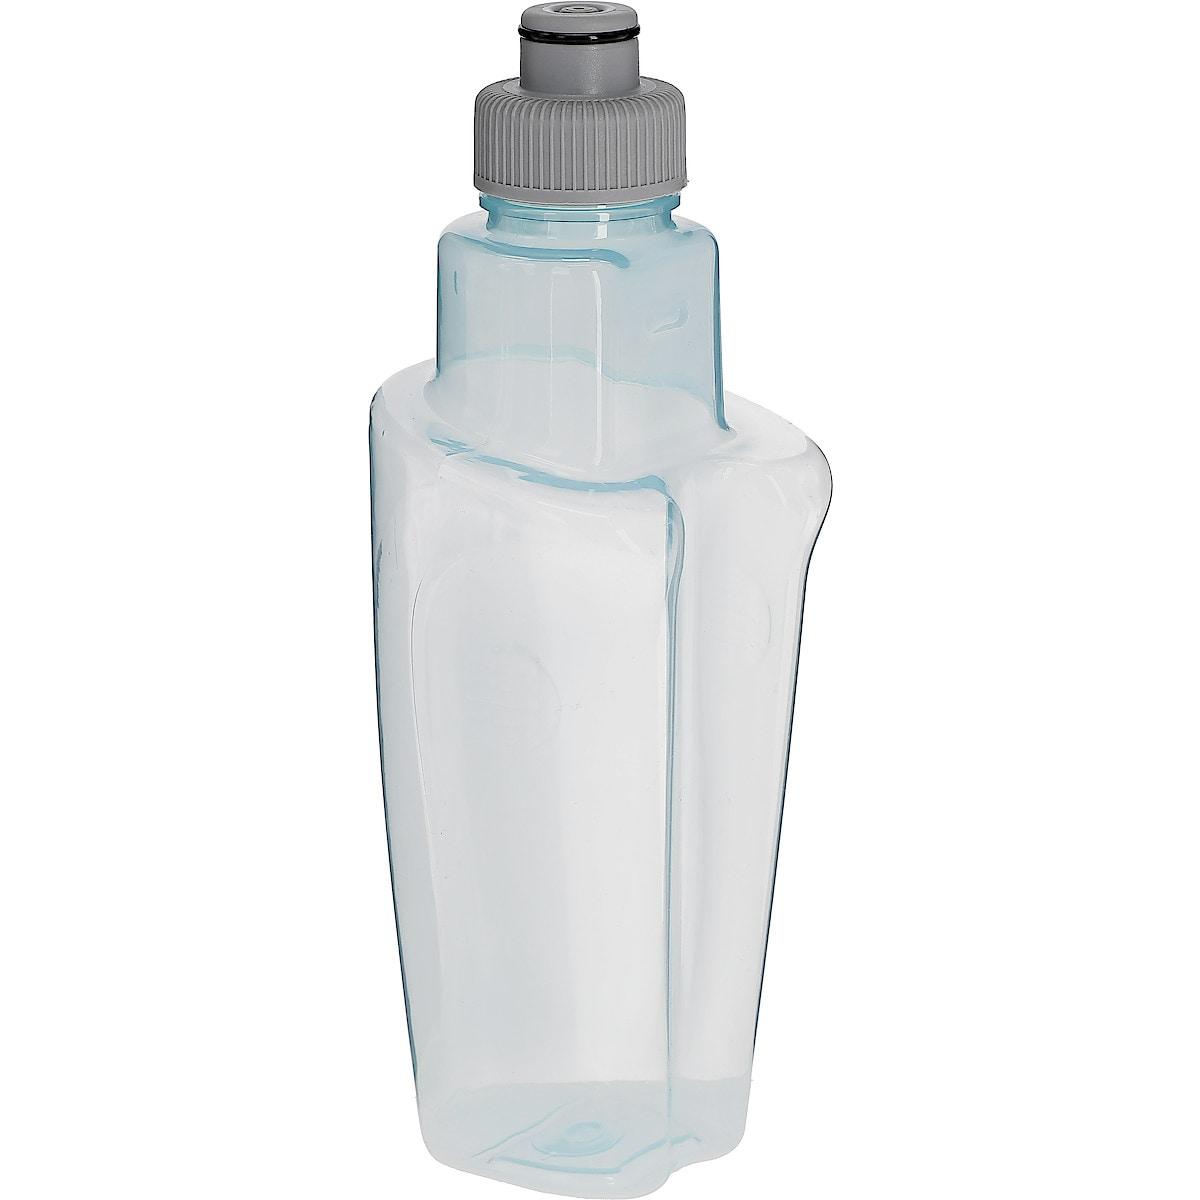 Behållare till spraymopp Smart Microfiber